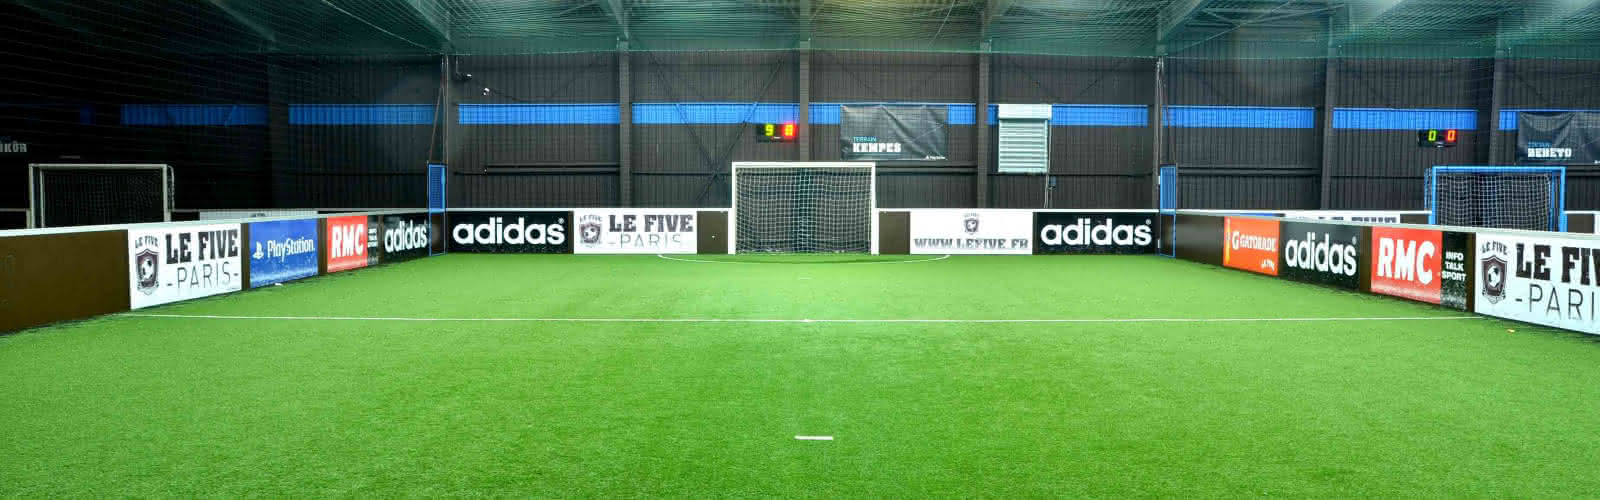 Le Five, terrain de football en gazon synthétique, ouvert à tous, différents lieux en Ile-de-France 2016